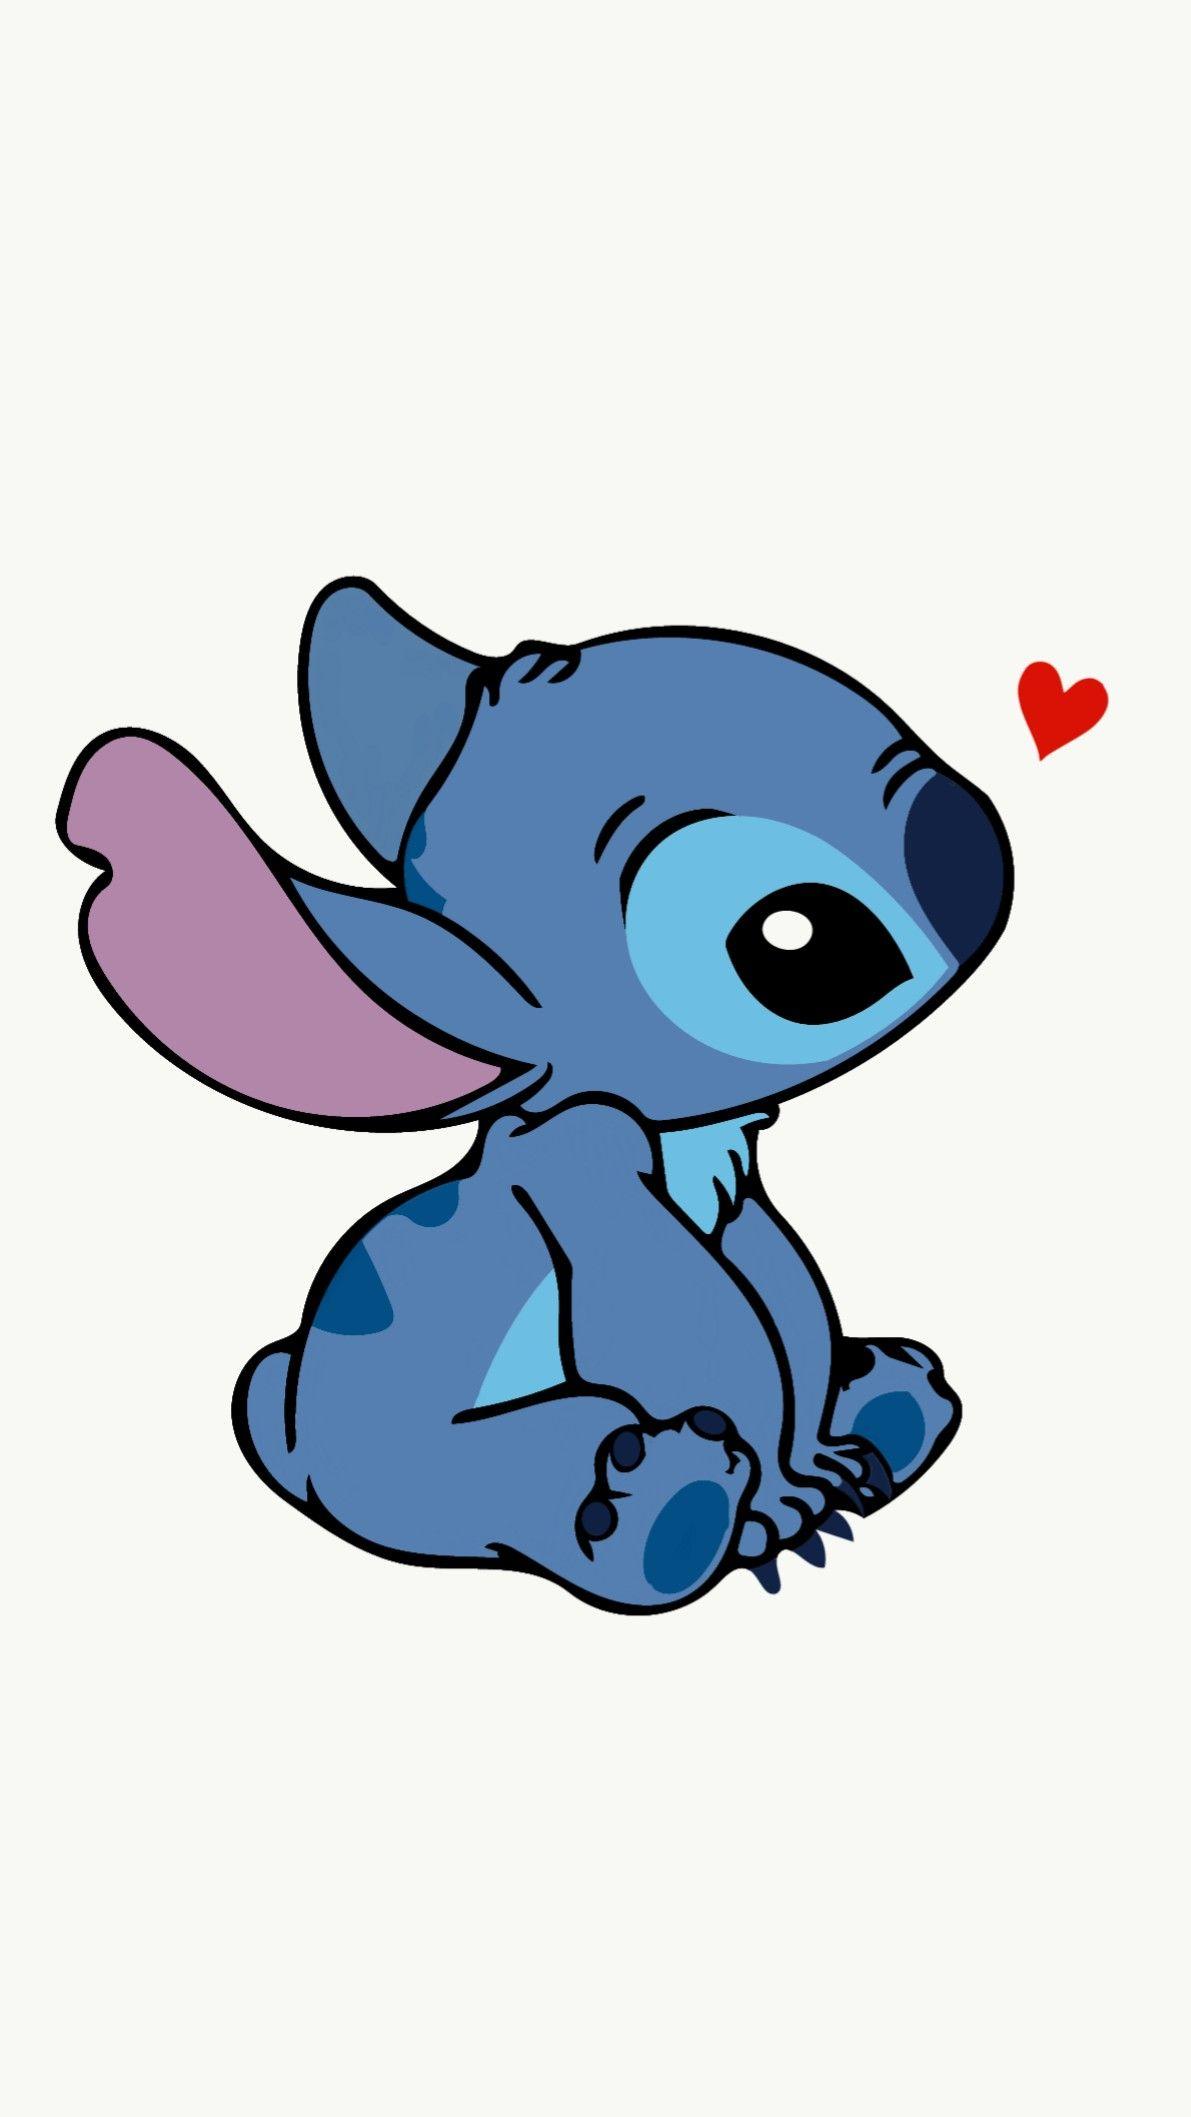 Wallpaper Iphone Cute Stitch